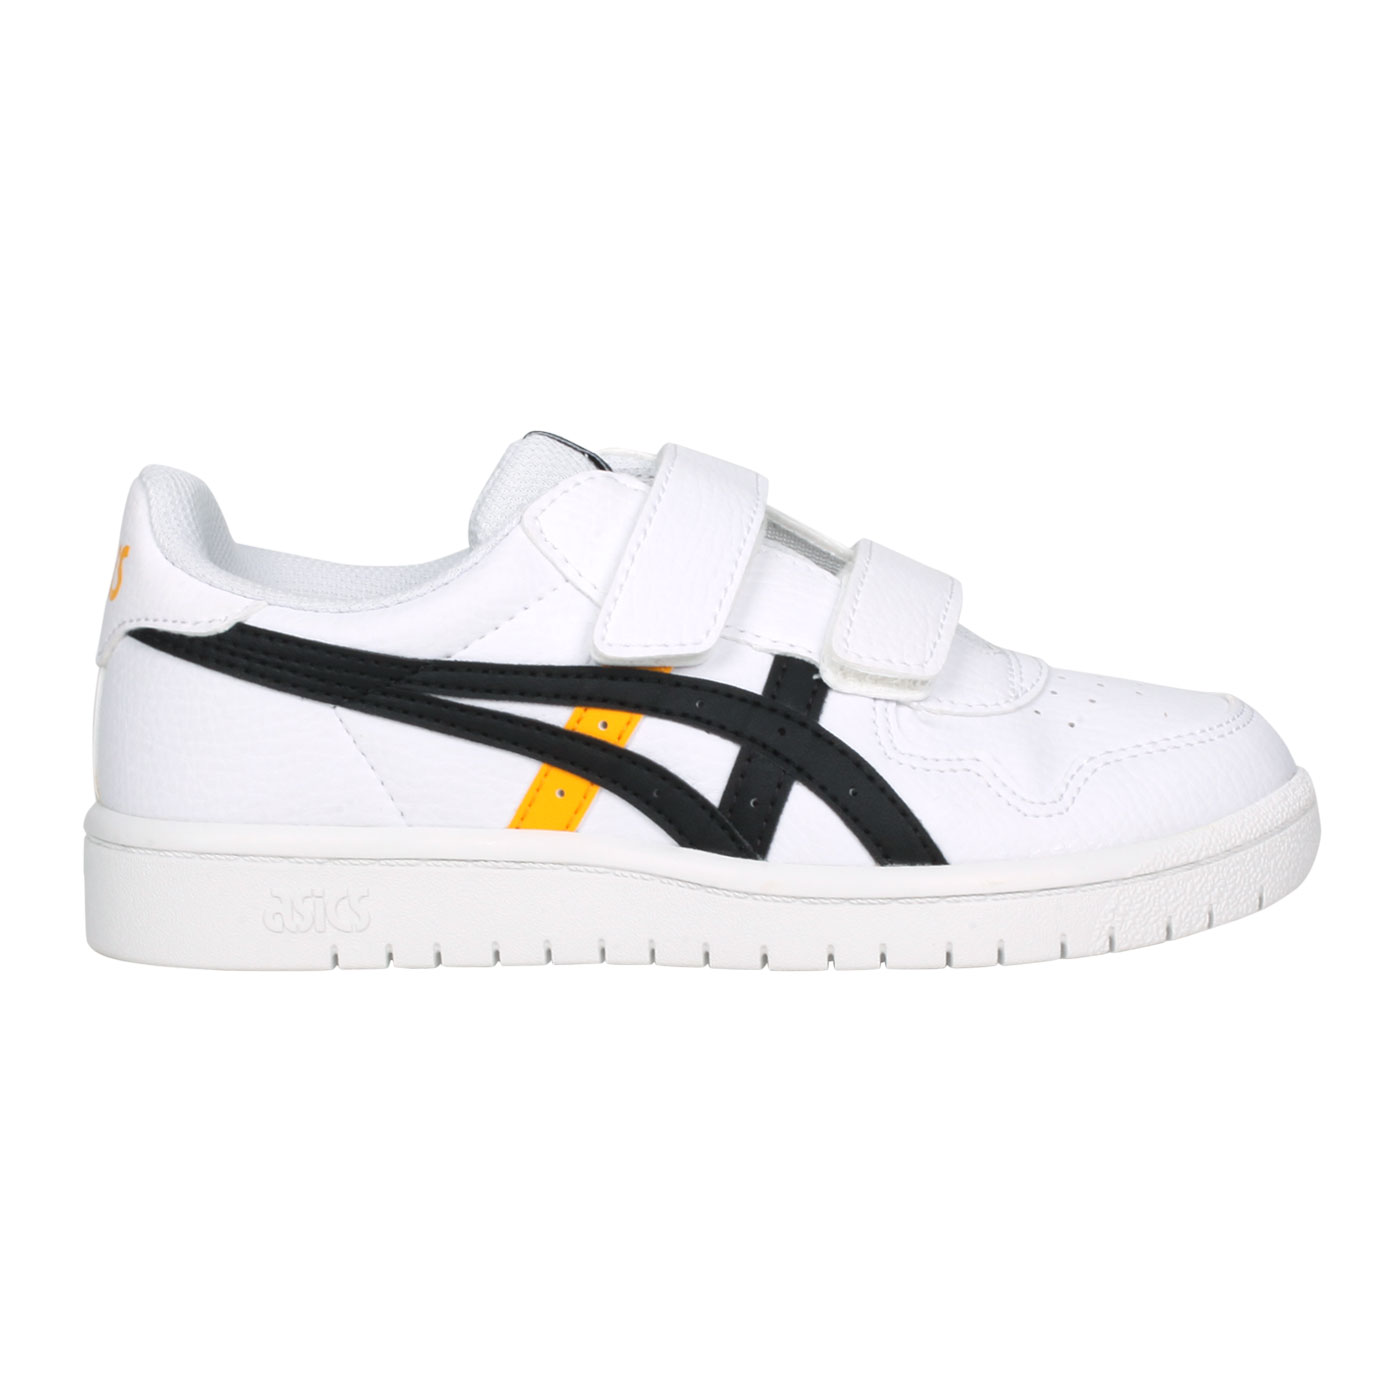 ASICS 大童運動鞋   @JAPAN S PS@1204A008-102